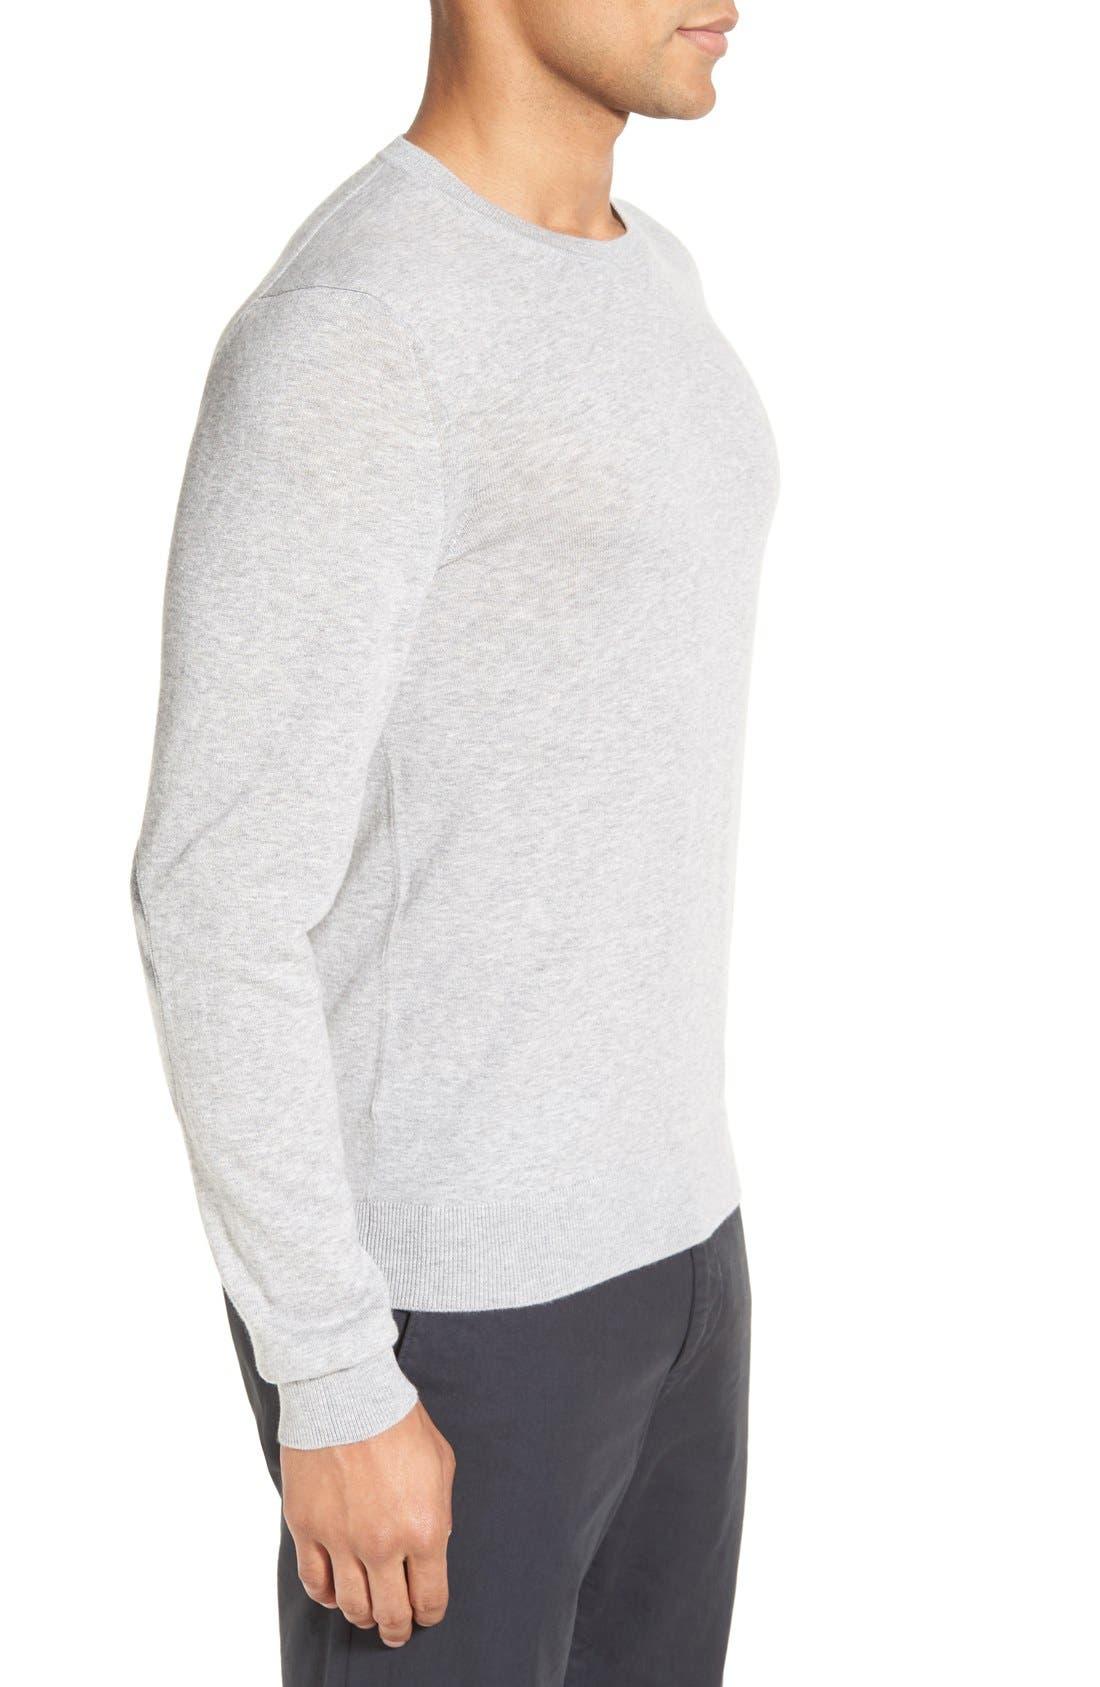 Brit Richmond Cotton & Cashmere Sweater,                             Alternate thumbnail 3, color,                             Pale Grey Melange